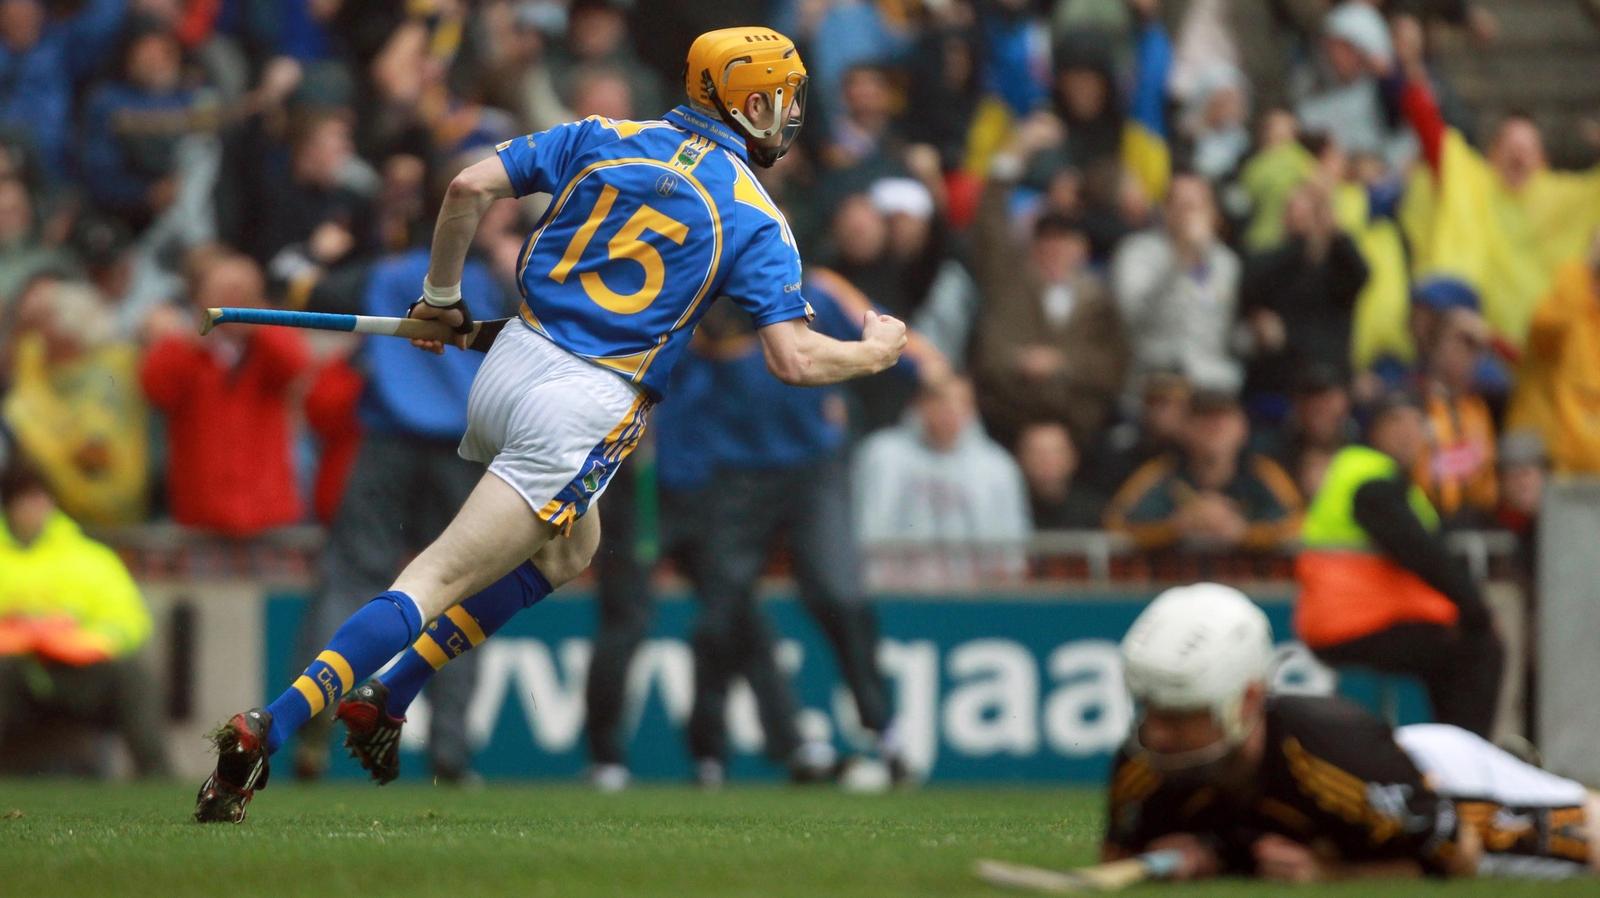 Image - Lar Corbett scored a hat-trick in the 2010 final